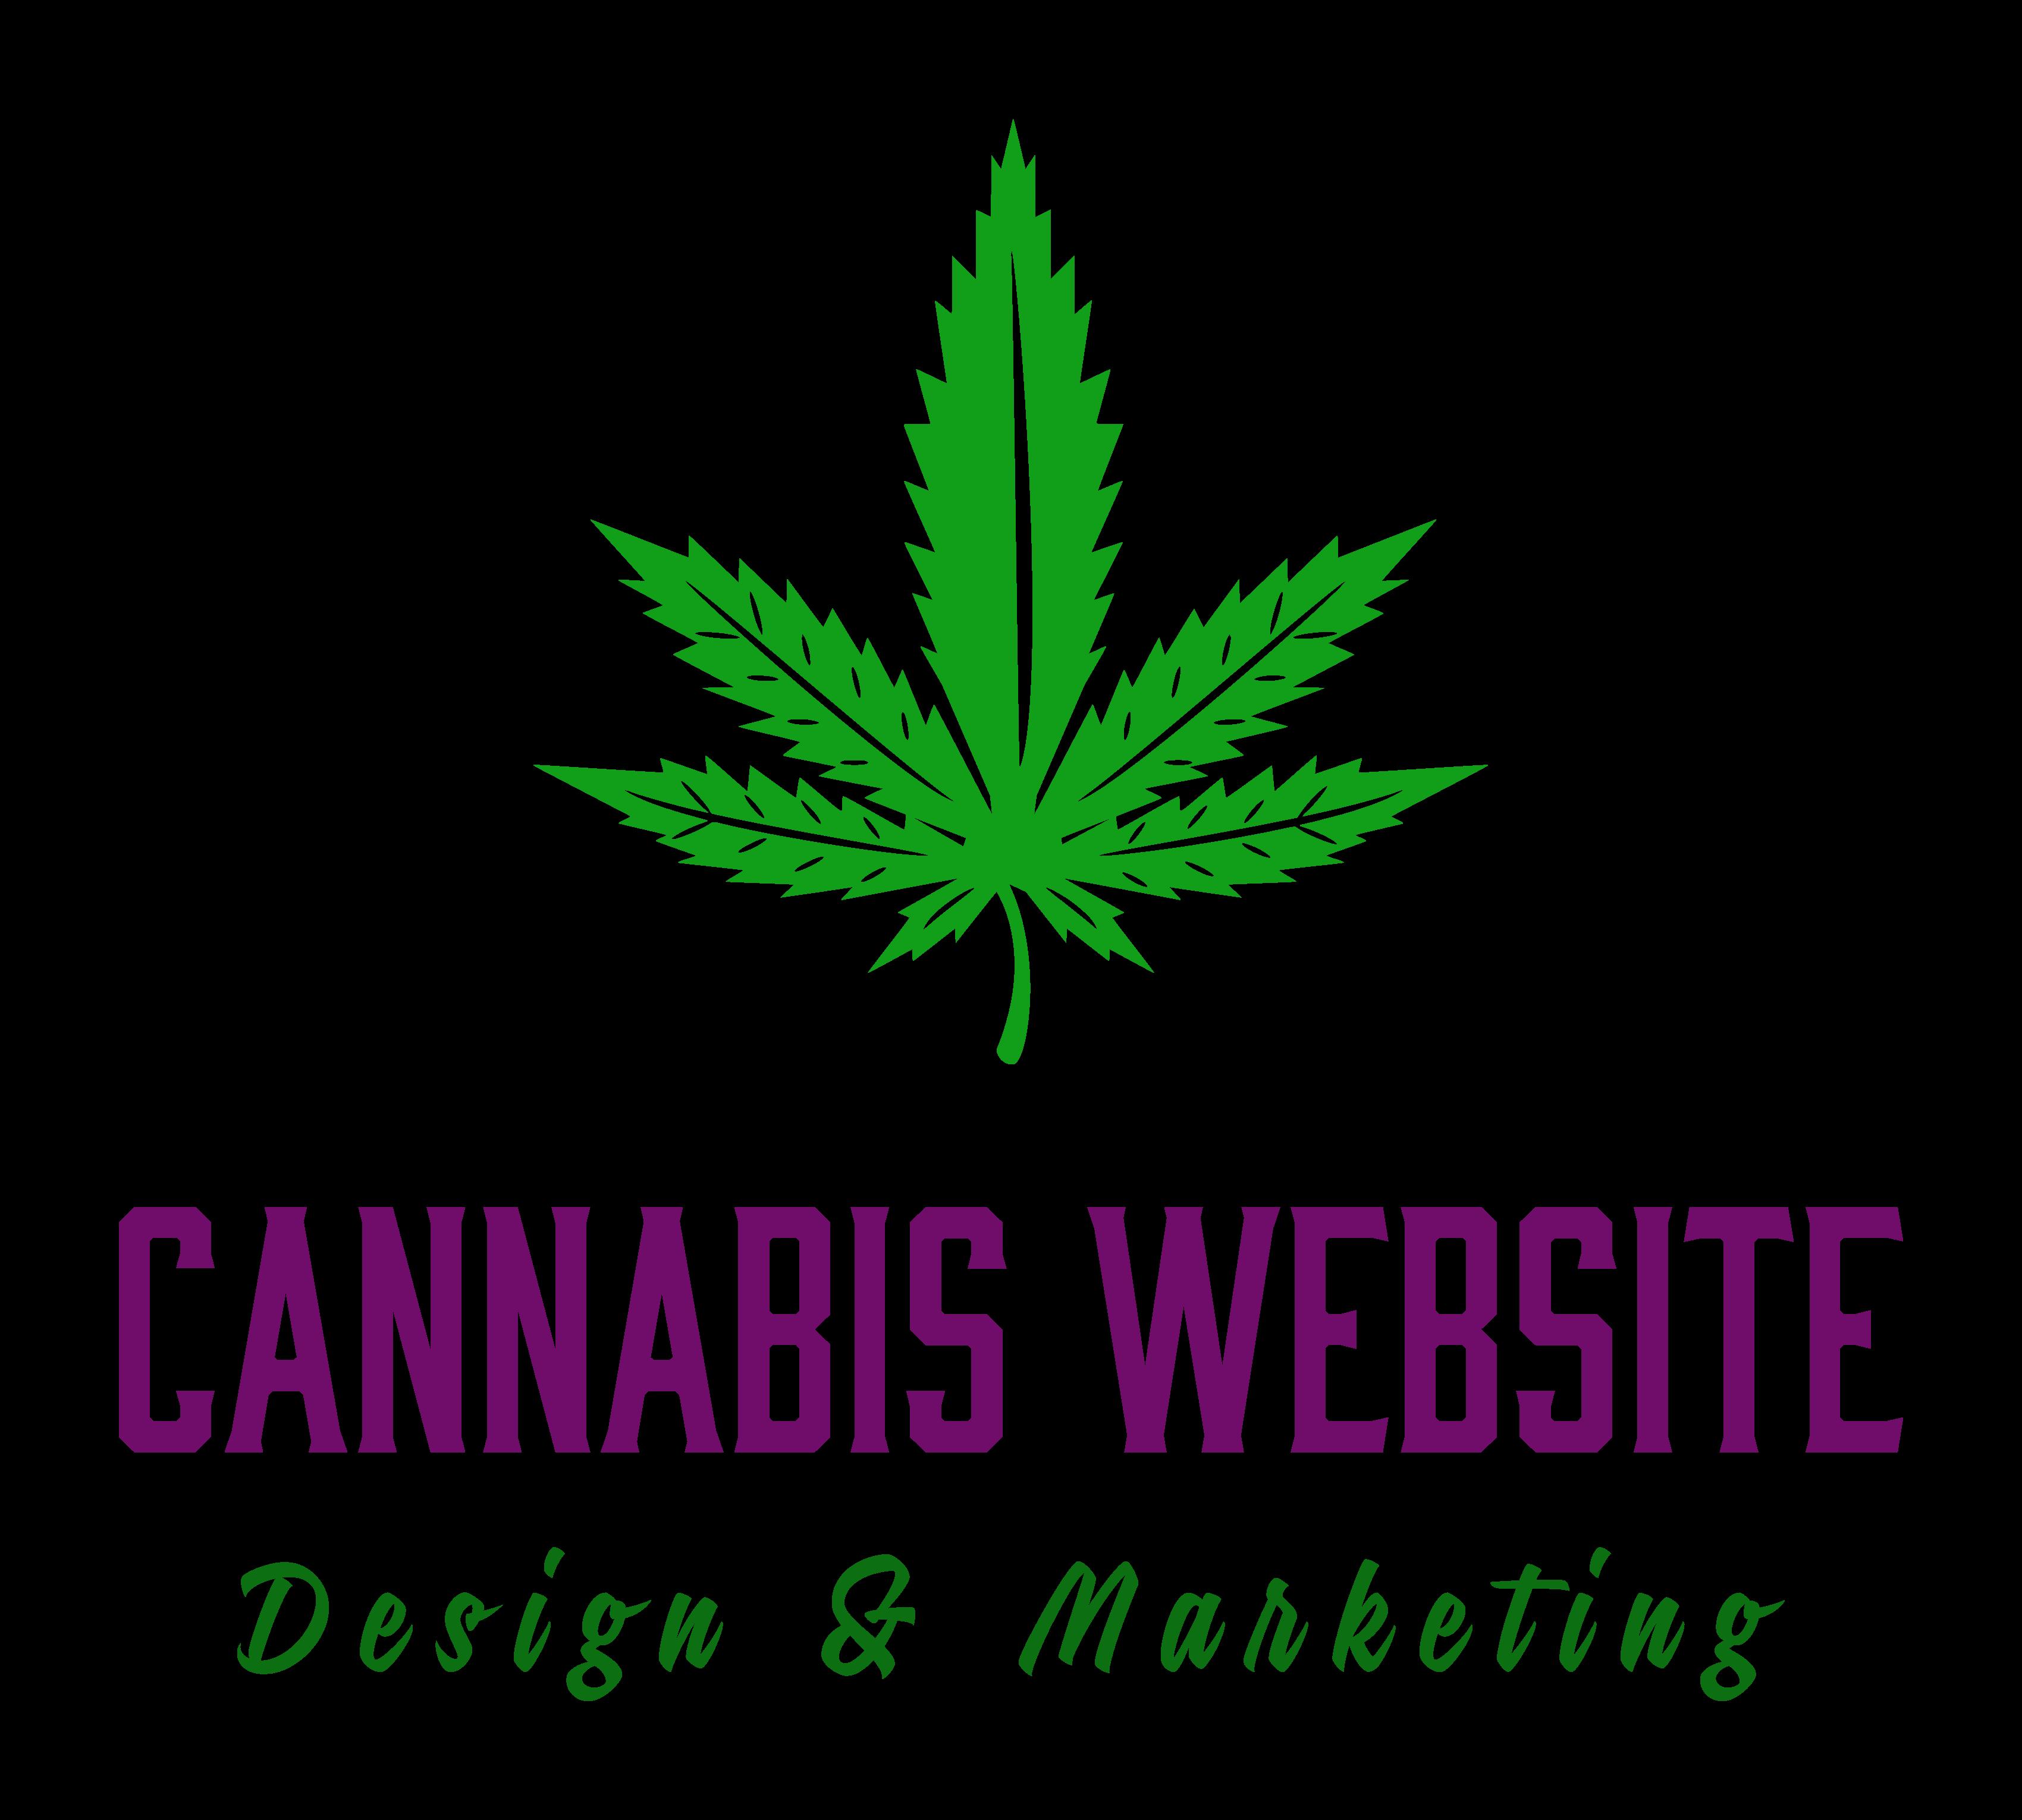 Cannabis Website Design & Marketing